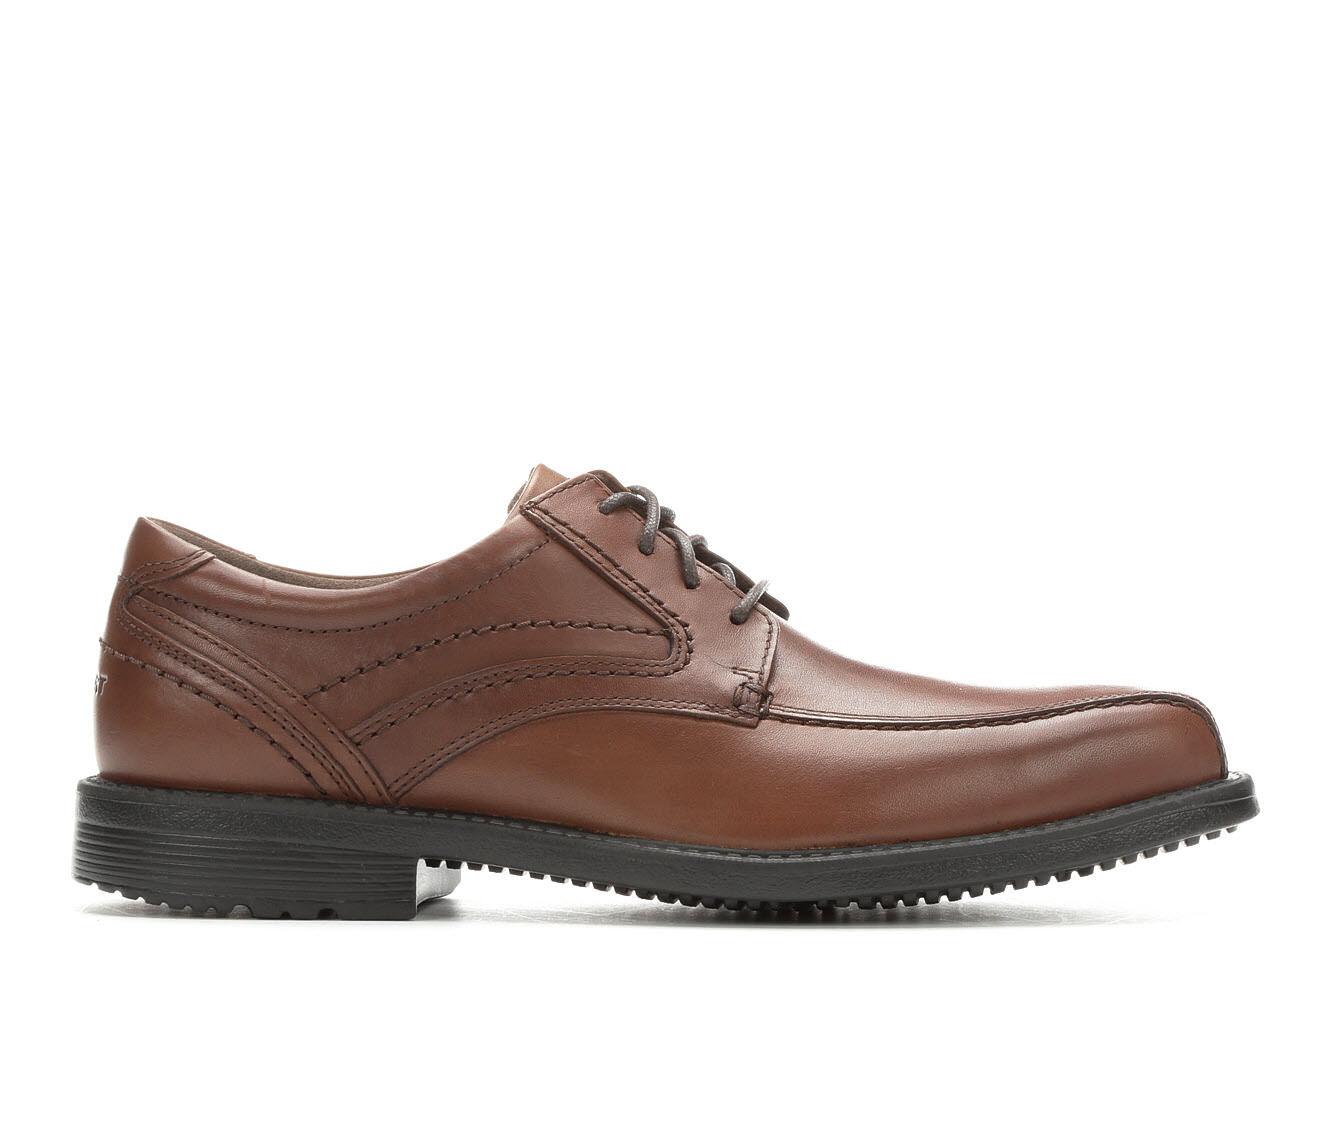 Men's Rockport Style Leader 2 Dress Shoes Cognac